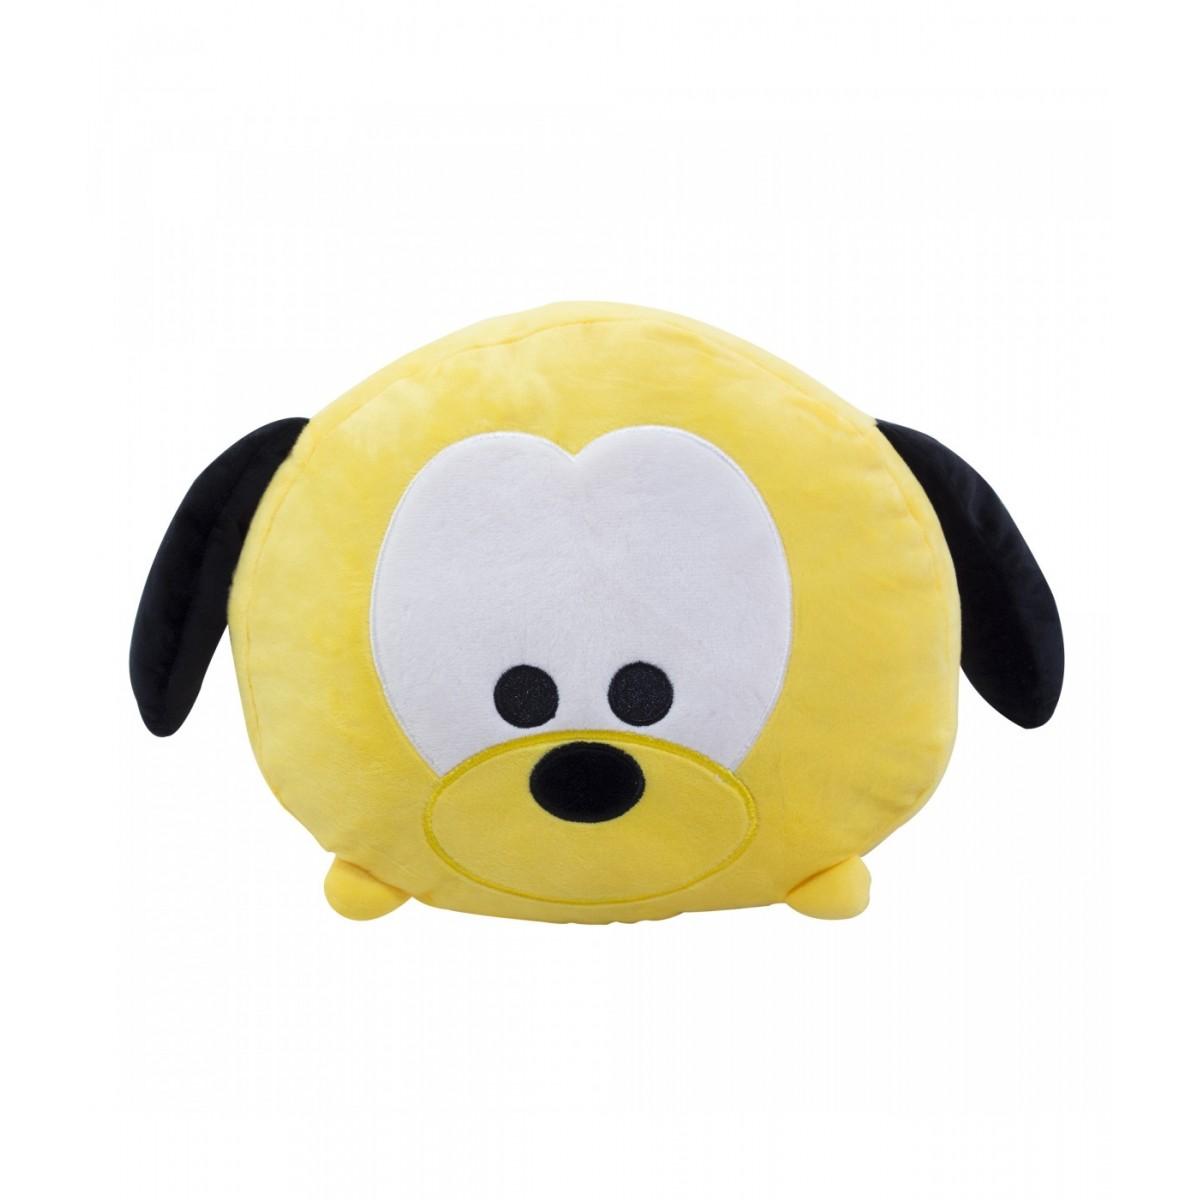 Almofada de Pelúcia Personagem Disney Rosto Pluto 37cm